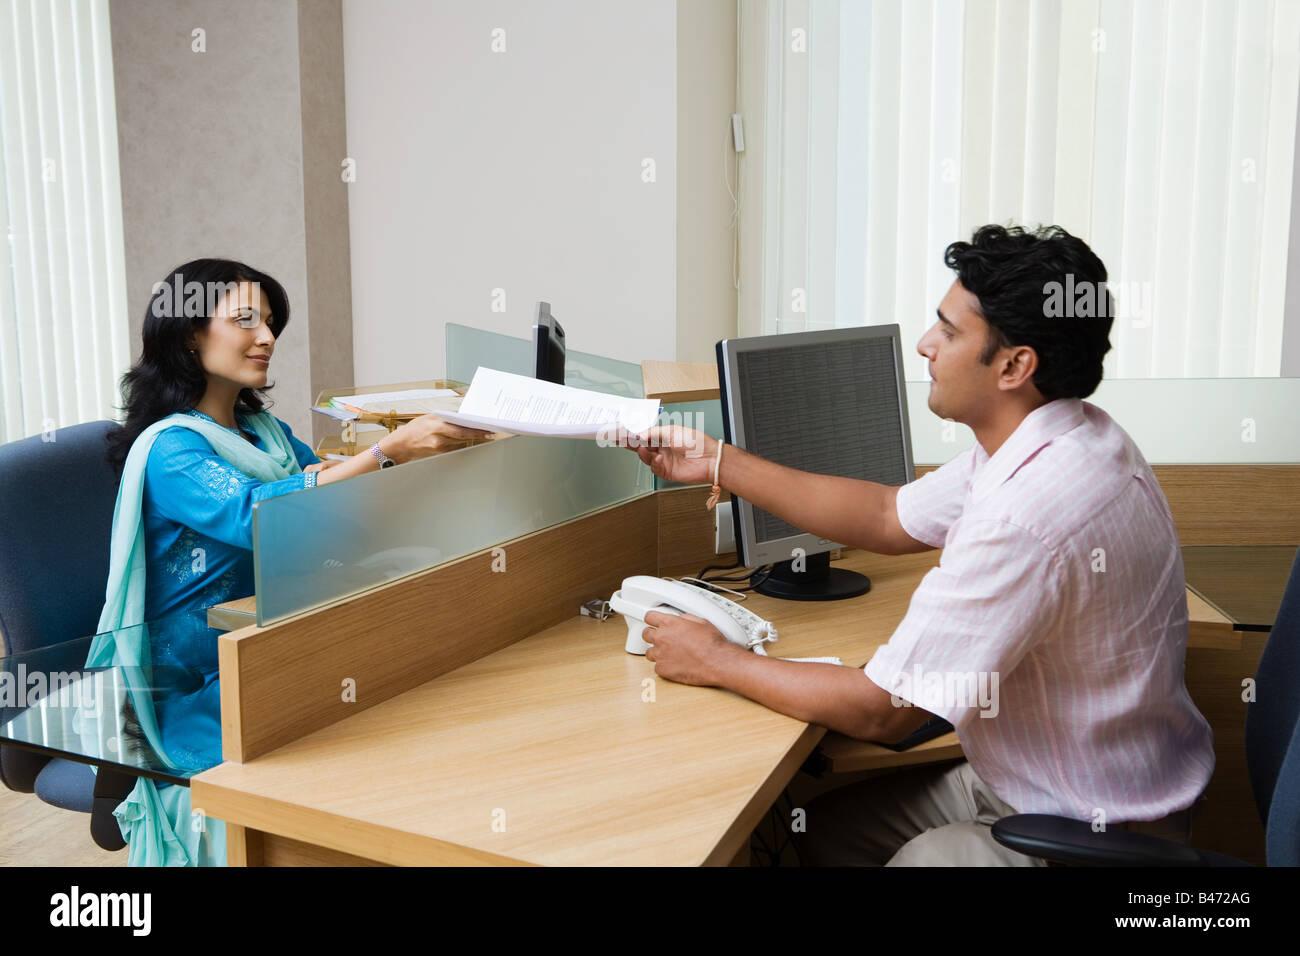 Ufficio indiano colleghi Immagini Stock